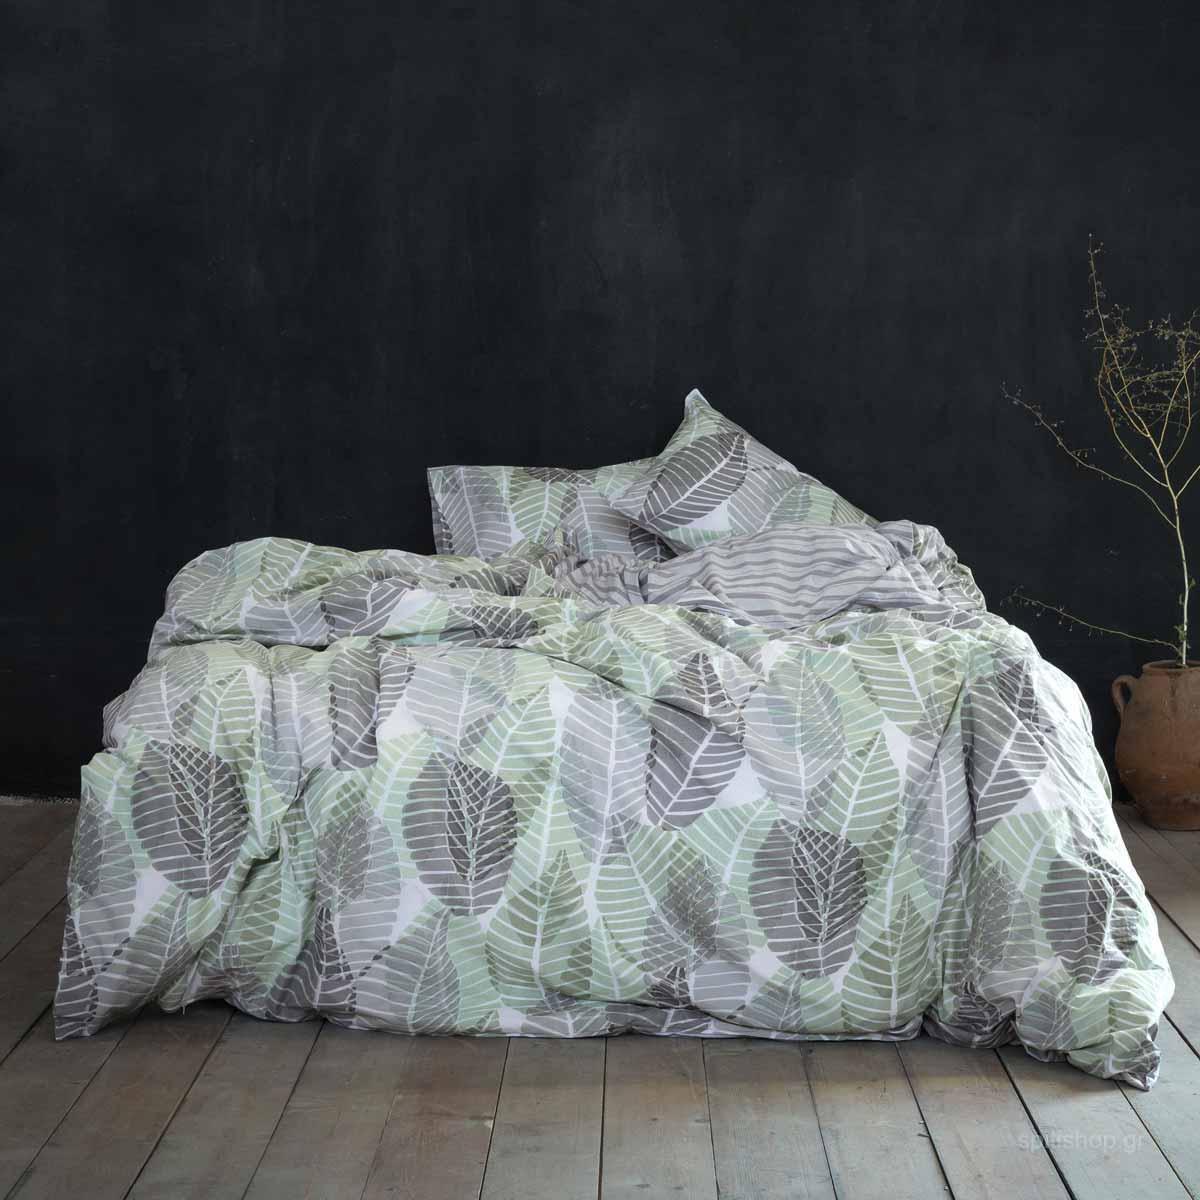 Σεντόνια Υπέρδιπλα (Σετ 240×260) Nima Bed Linen Feuilles Grey ΧΩΡΙΣ ΛΑΣΤΙΧΟ 240×260 ΧΩΡΙΣ ΛΑΣΤΙΧΟ 240×260